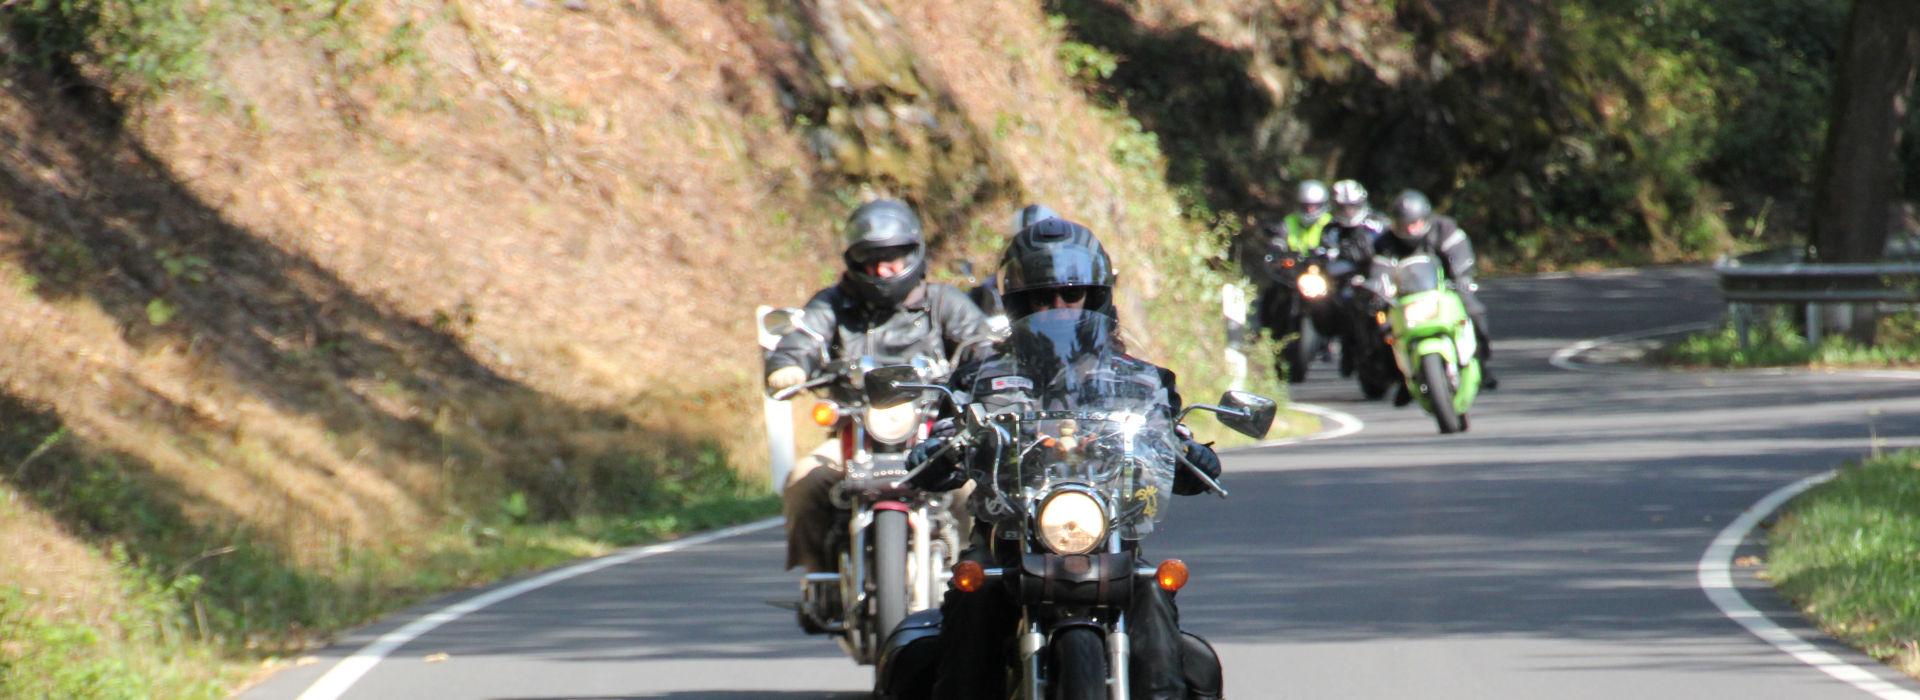 Motorrijschool Motorrijbewijspoint Ouderkerk aan de Amstel motorrijlessen